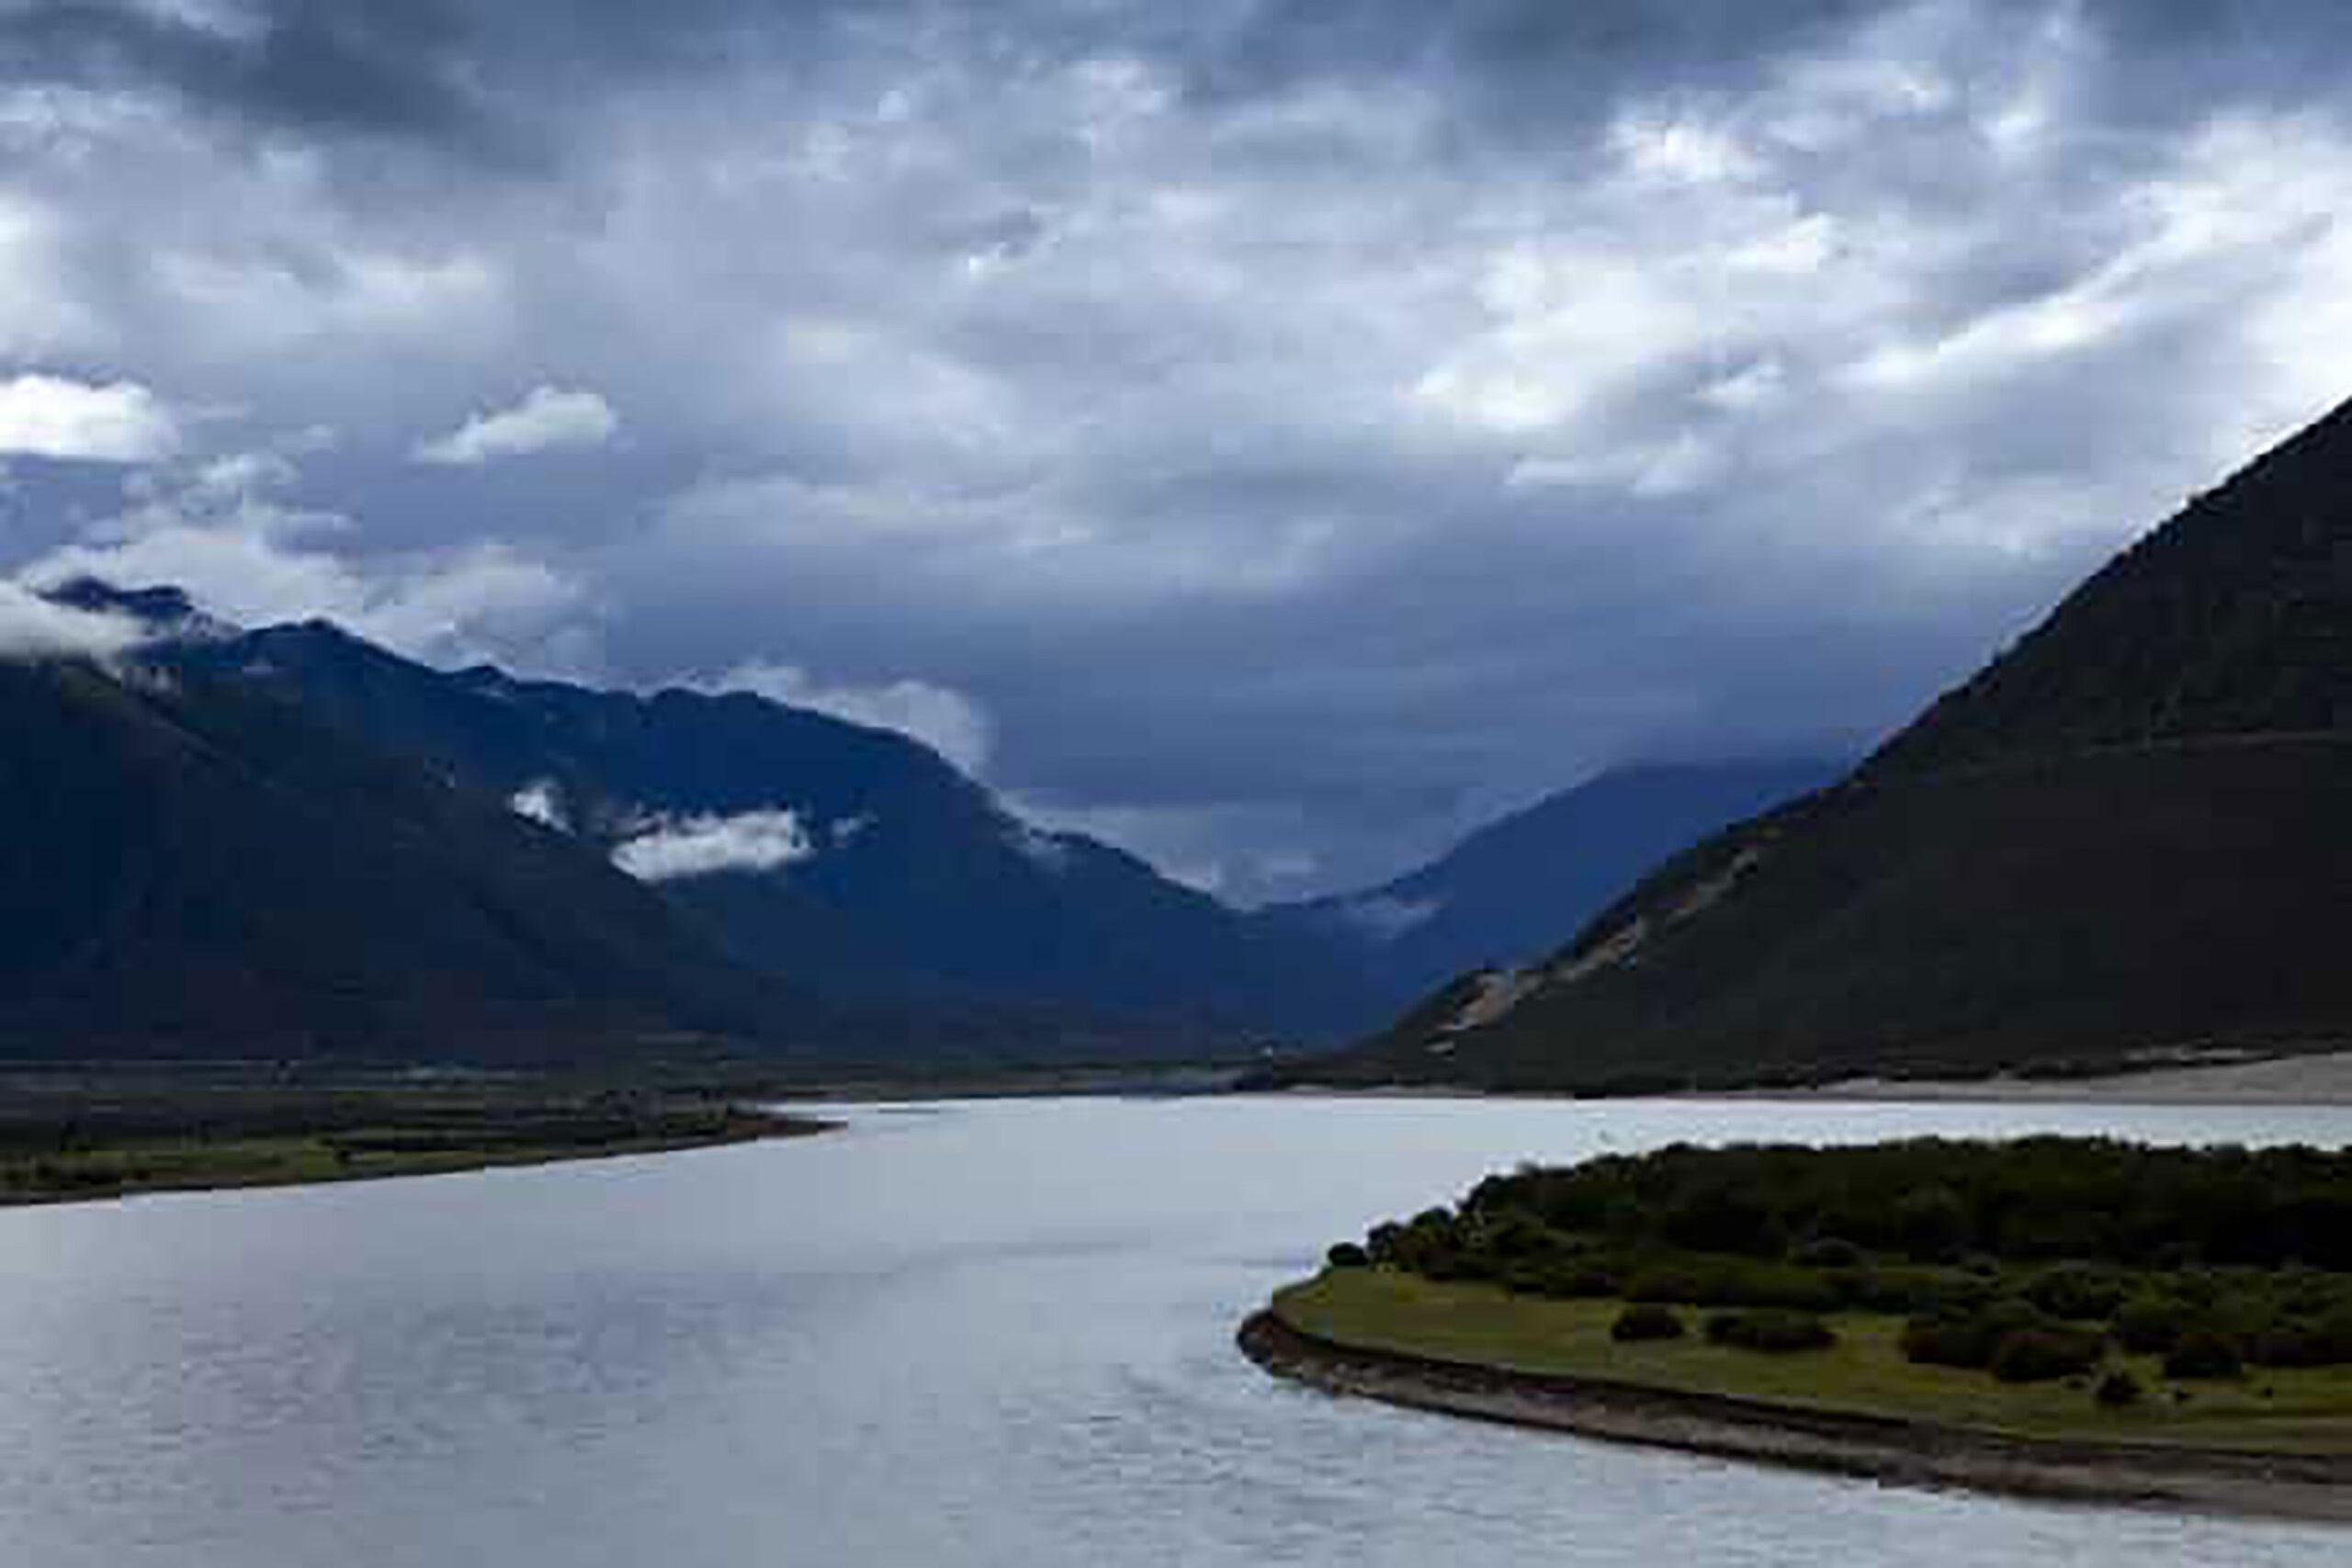 Rencana RRT untuk membangun pembangkit listrik tenaga air di Tibet memicu kekhawatiran berbagai negara di bagian hilir